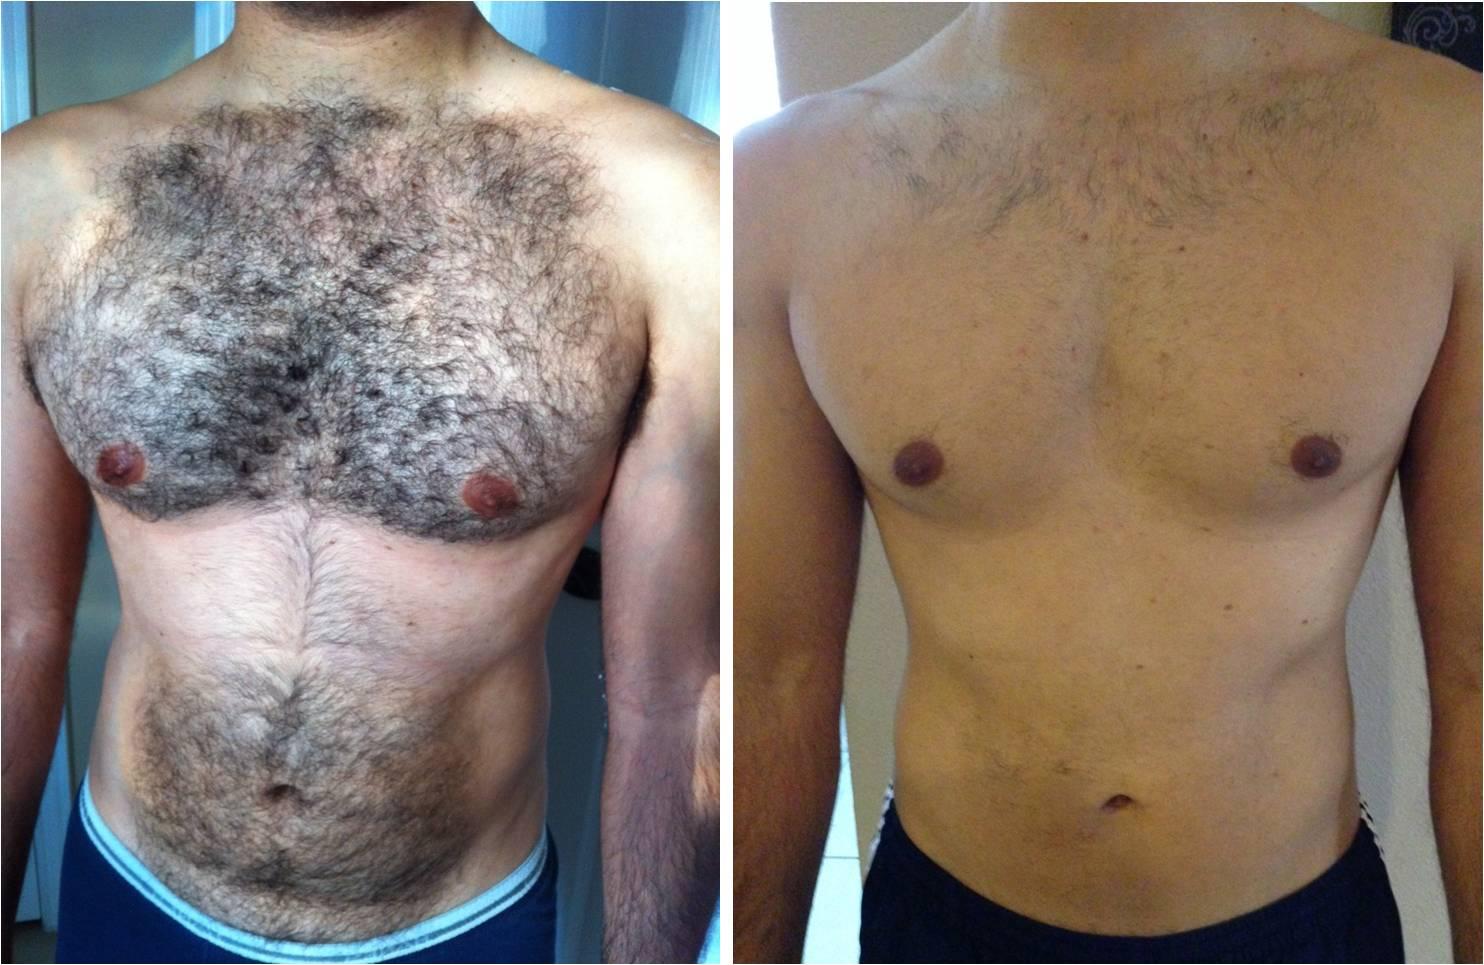 Фото больших ореол и сосков, Большие ореолы груди (big nipples) фото и видео 1 фотография